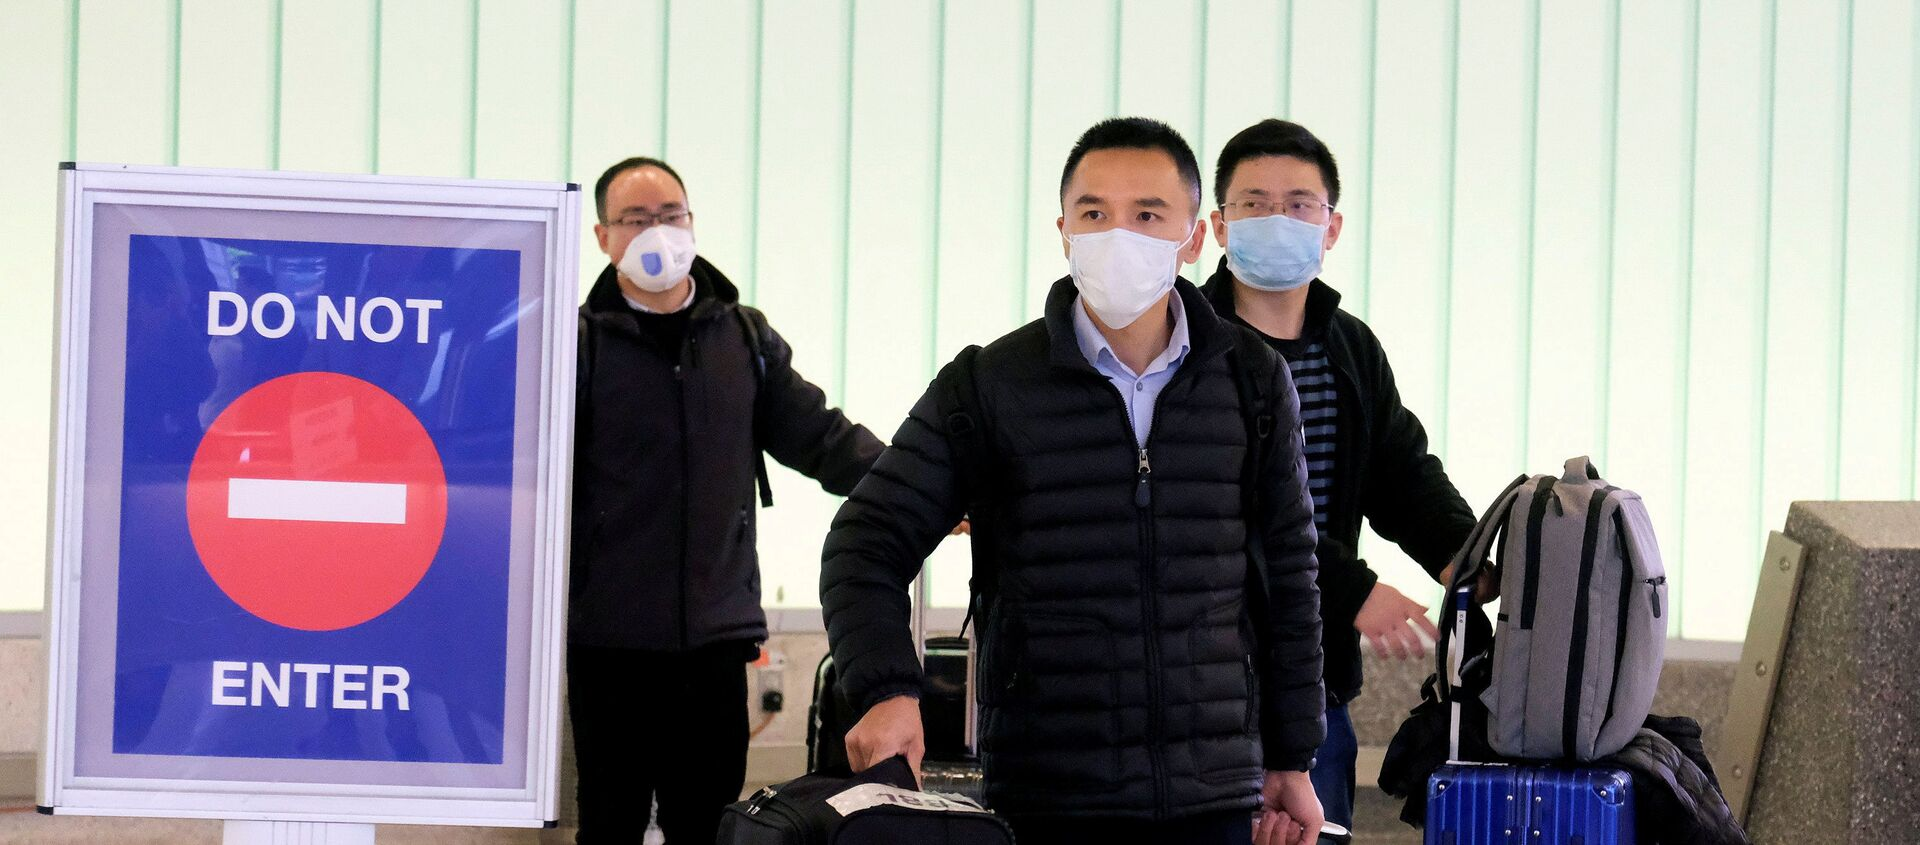 Unos chinos en mascarillas durante expansión del coronavirus  - Sputnik Mundo, 1920, 06.02.2020